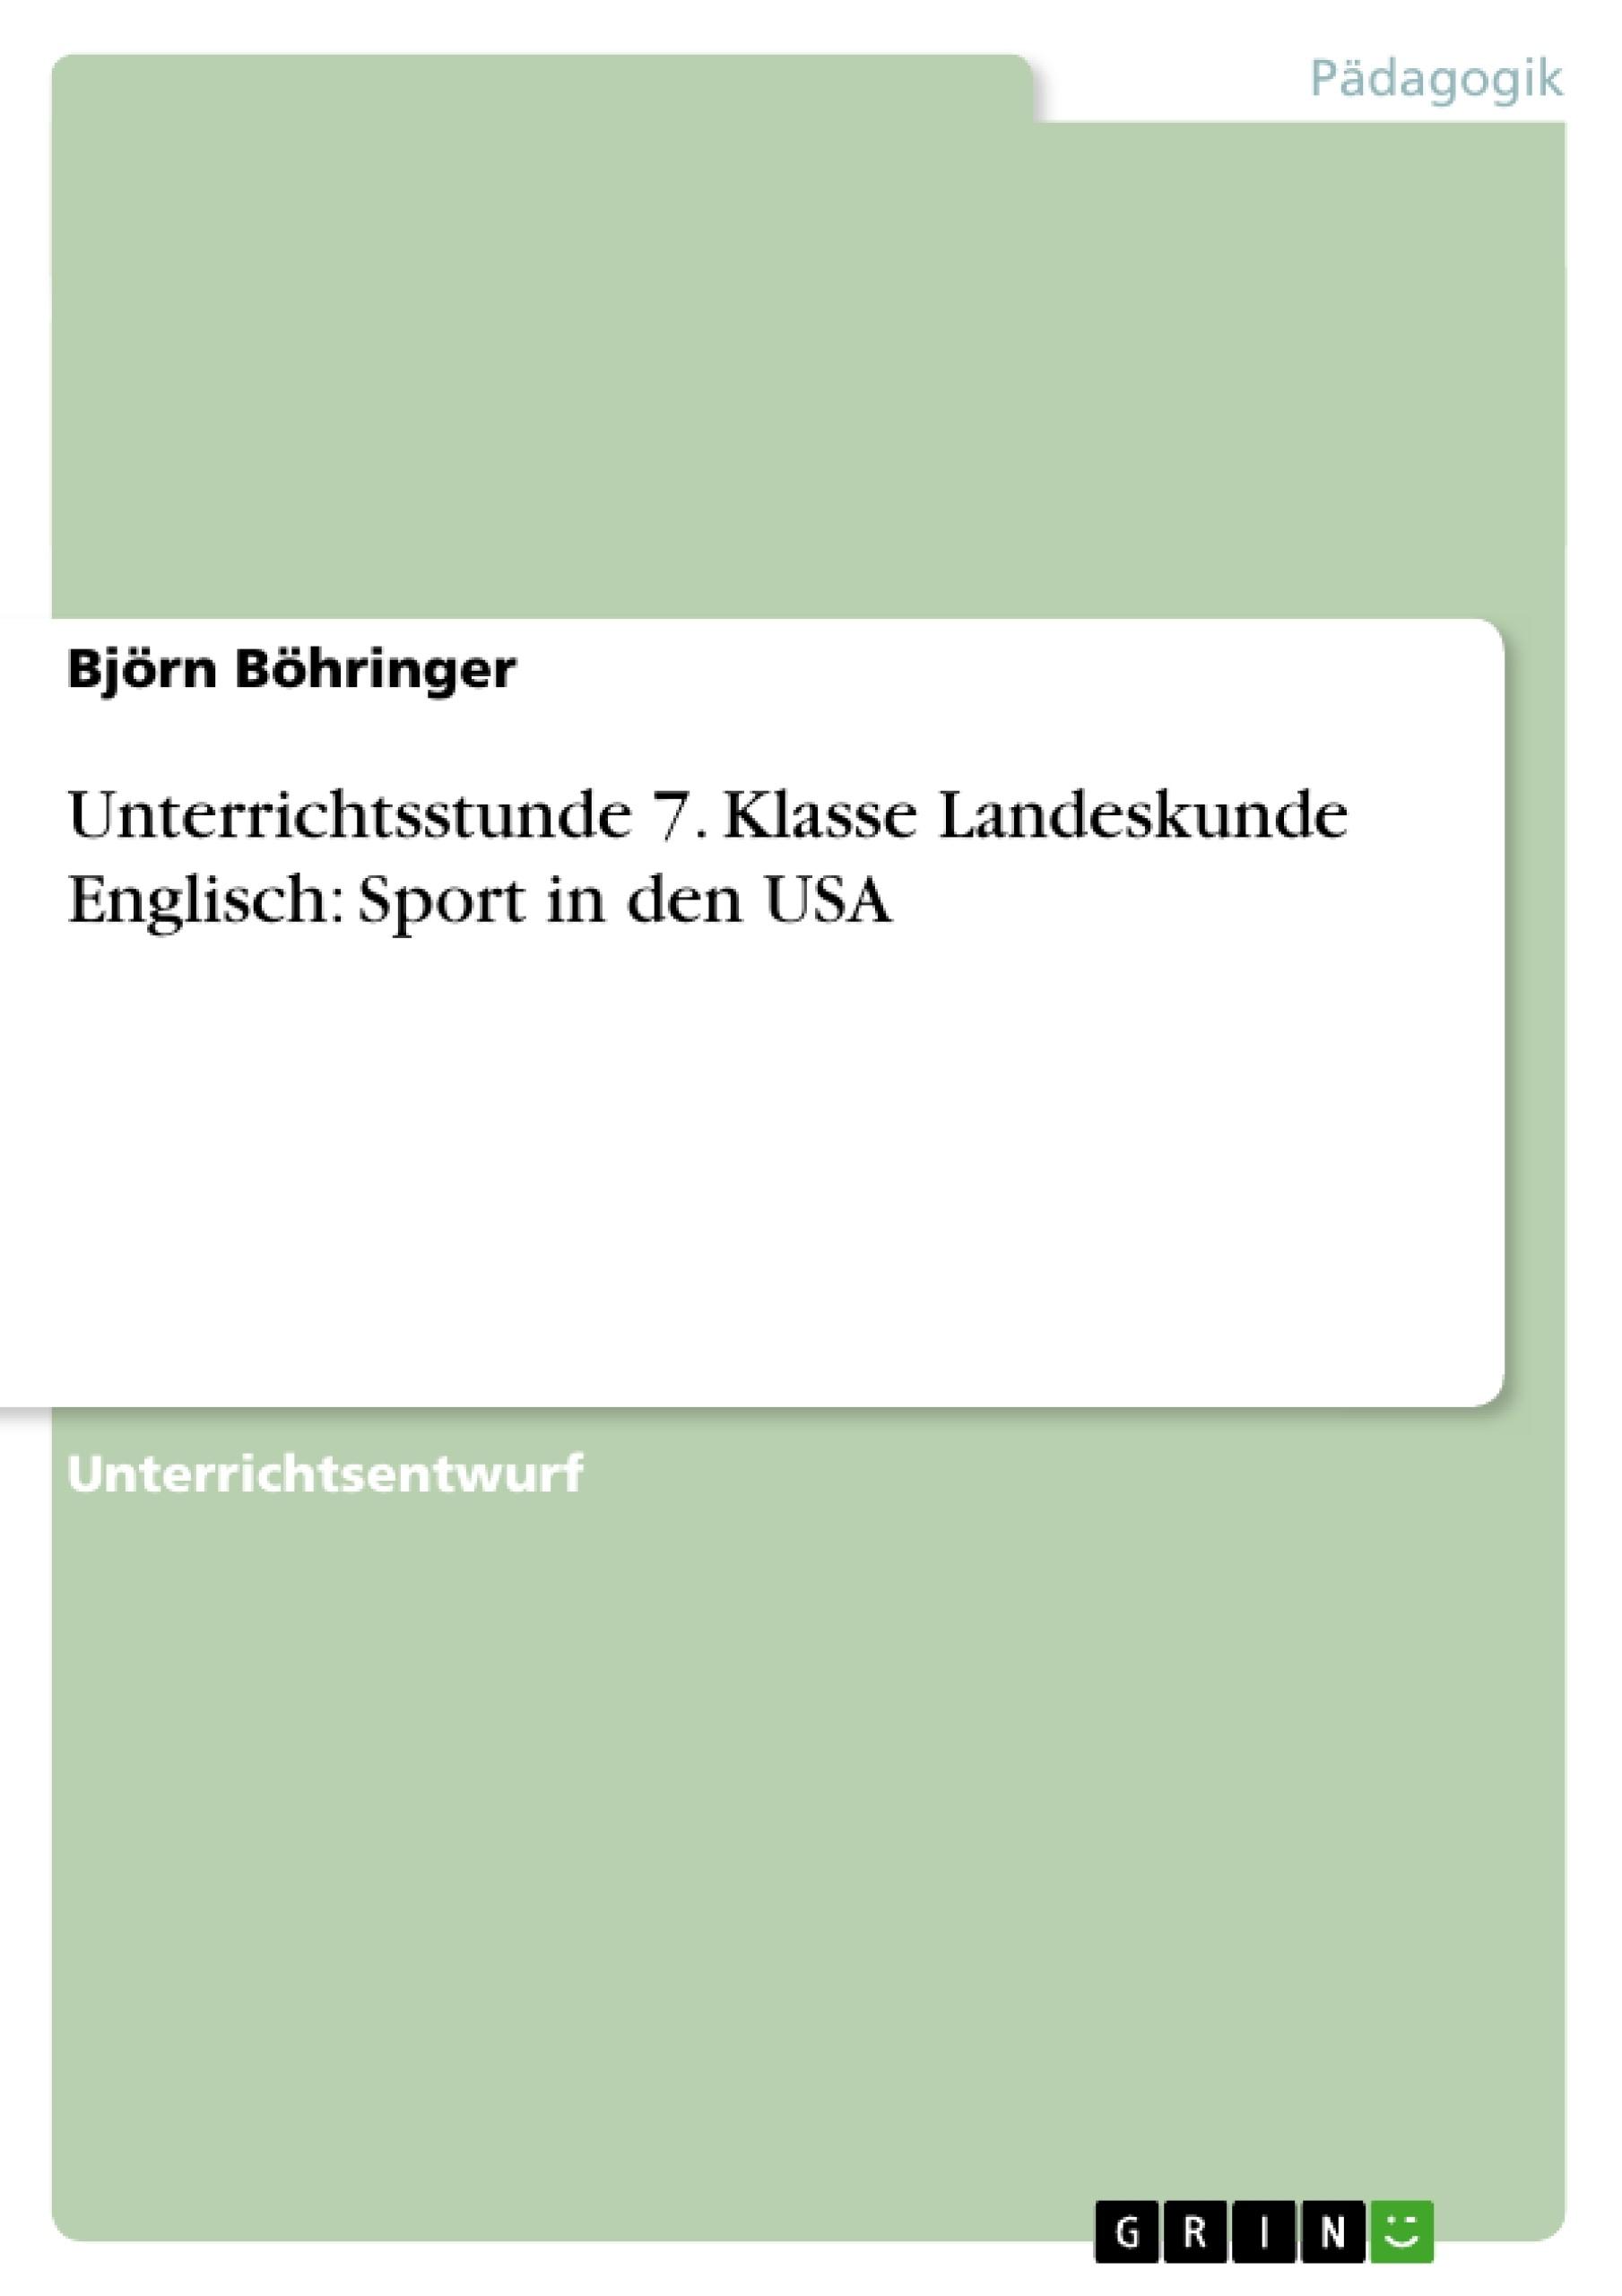 Titel: Unterrichtsstunde 7. Klasse Landeskunde Englisch: Sport in den USA